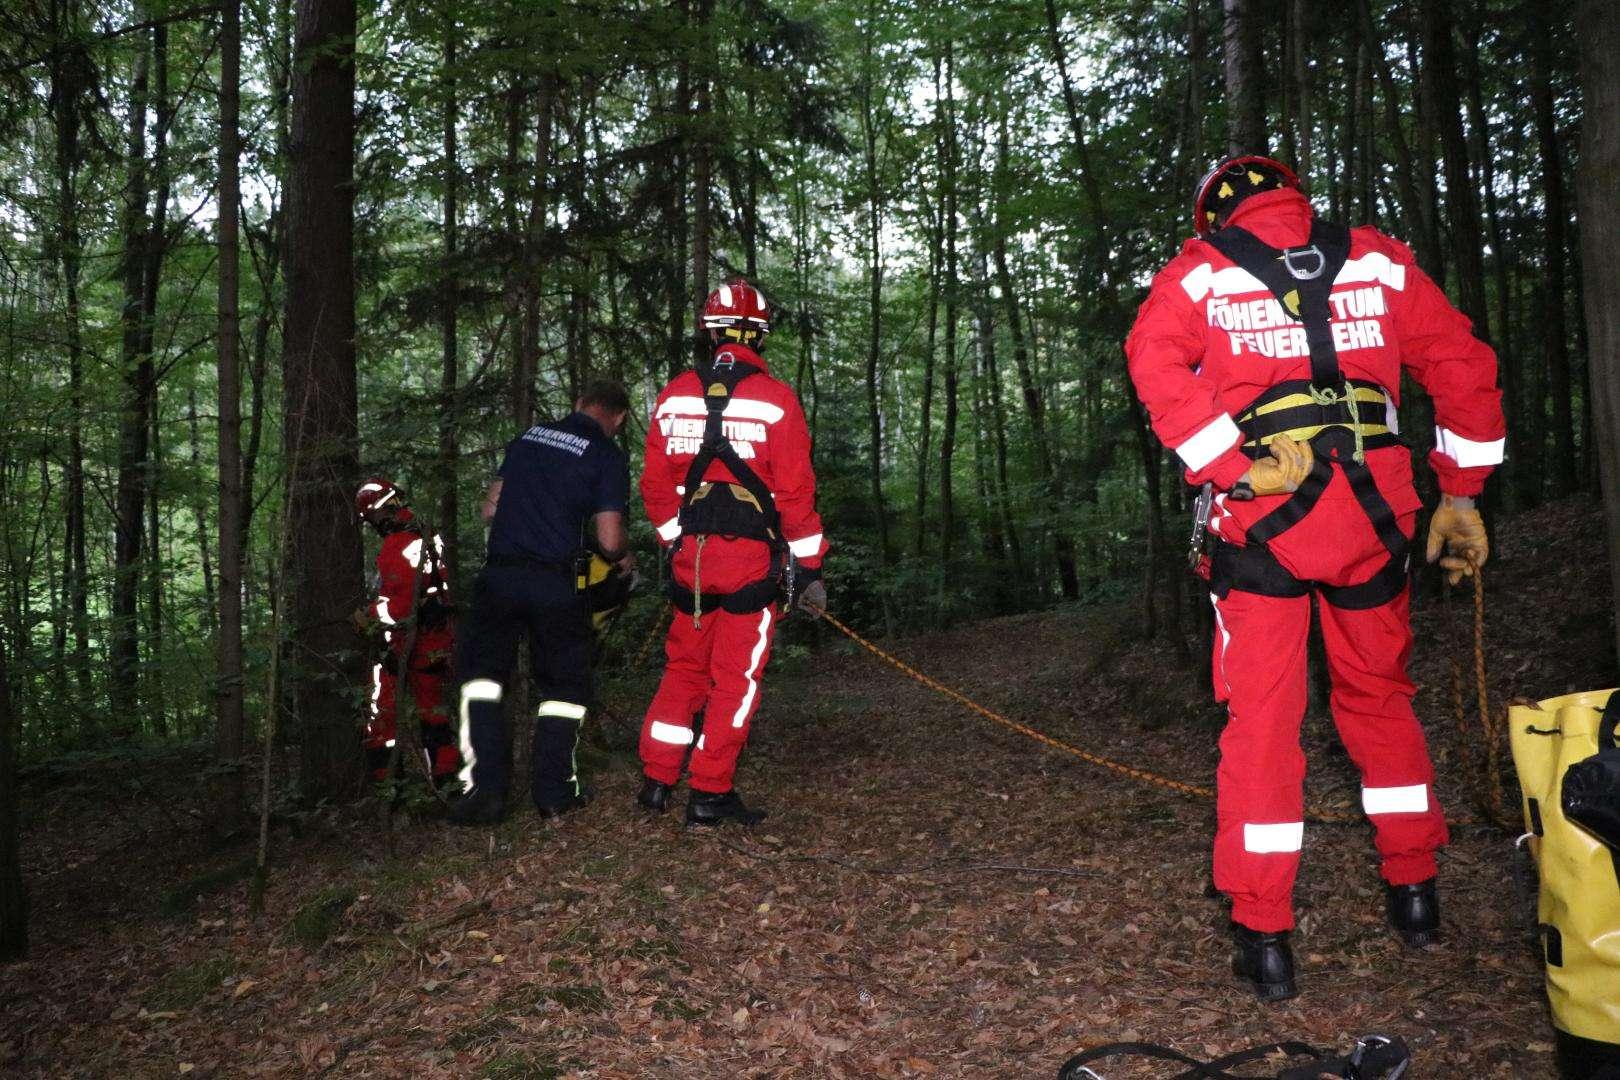 Kletterausrüstung Baum : Tierrettung: katze vom baum gerettet ff gallneukirchen